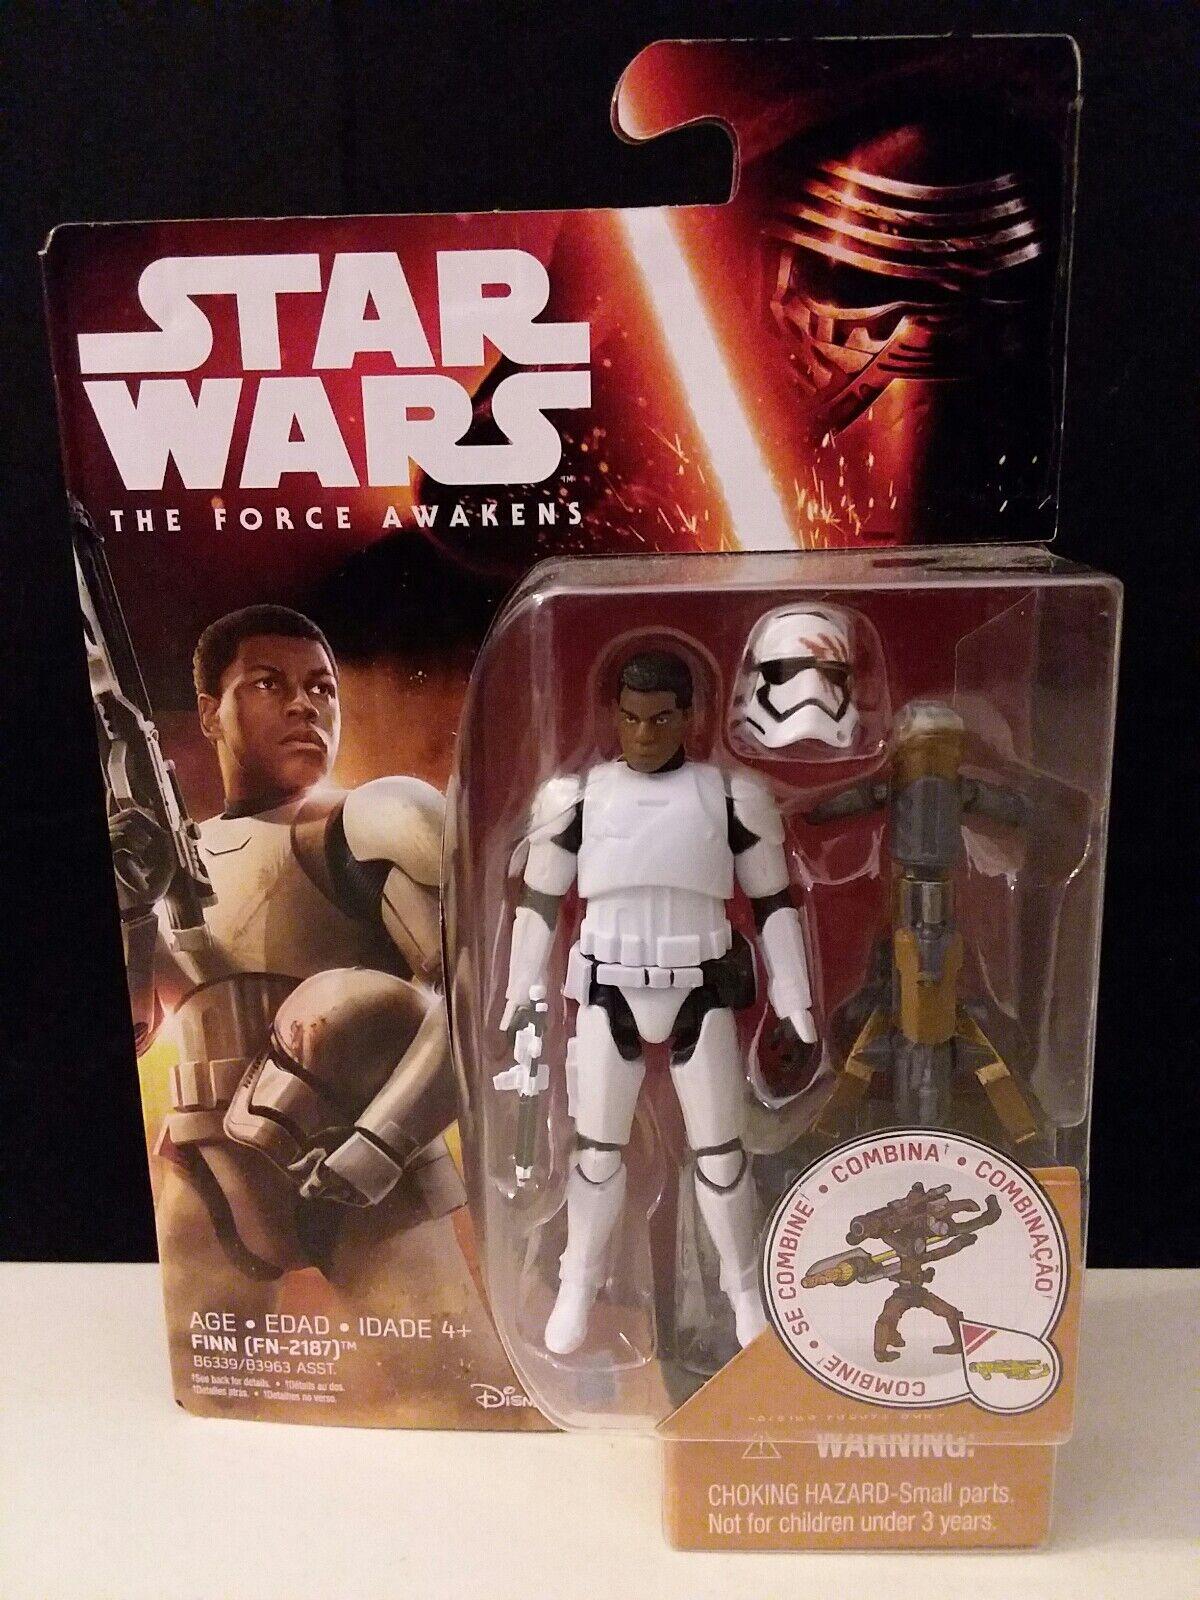 Star Wars The Force Awakens FINN FN-2187 3.75in New 2015